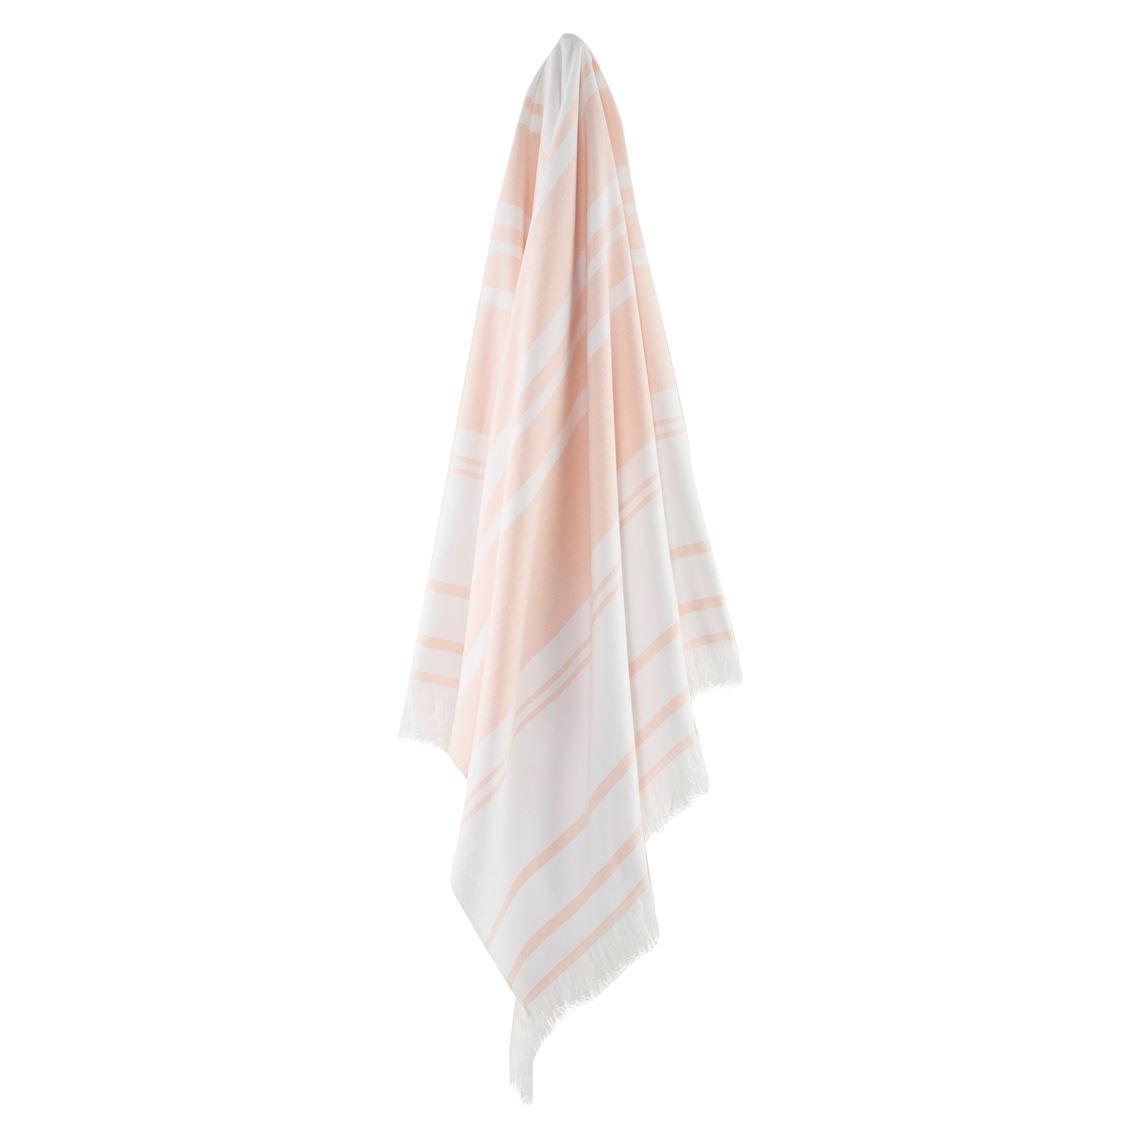 Bellagio Hammam Towel Size W 12cm x D 42cm x H 12cm in Soft Pink Freedom